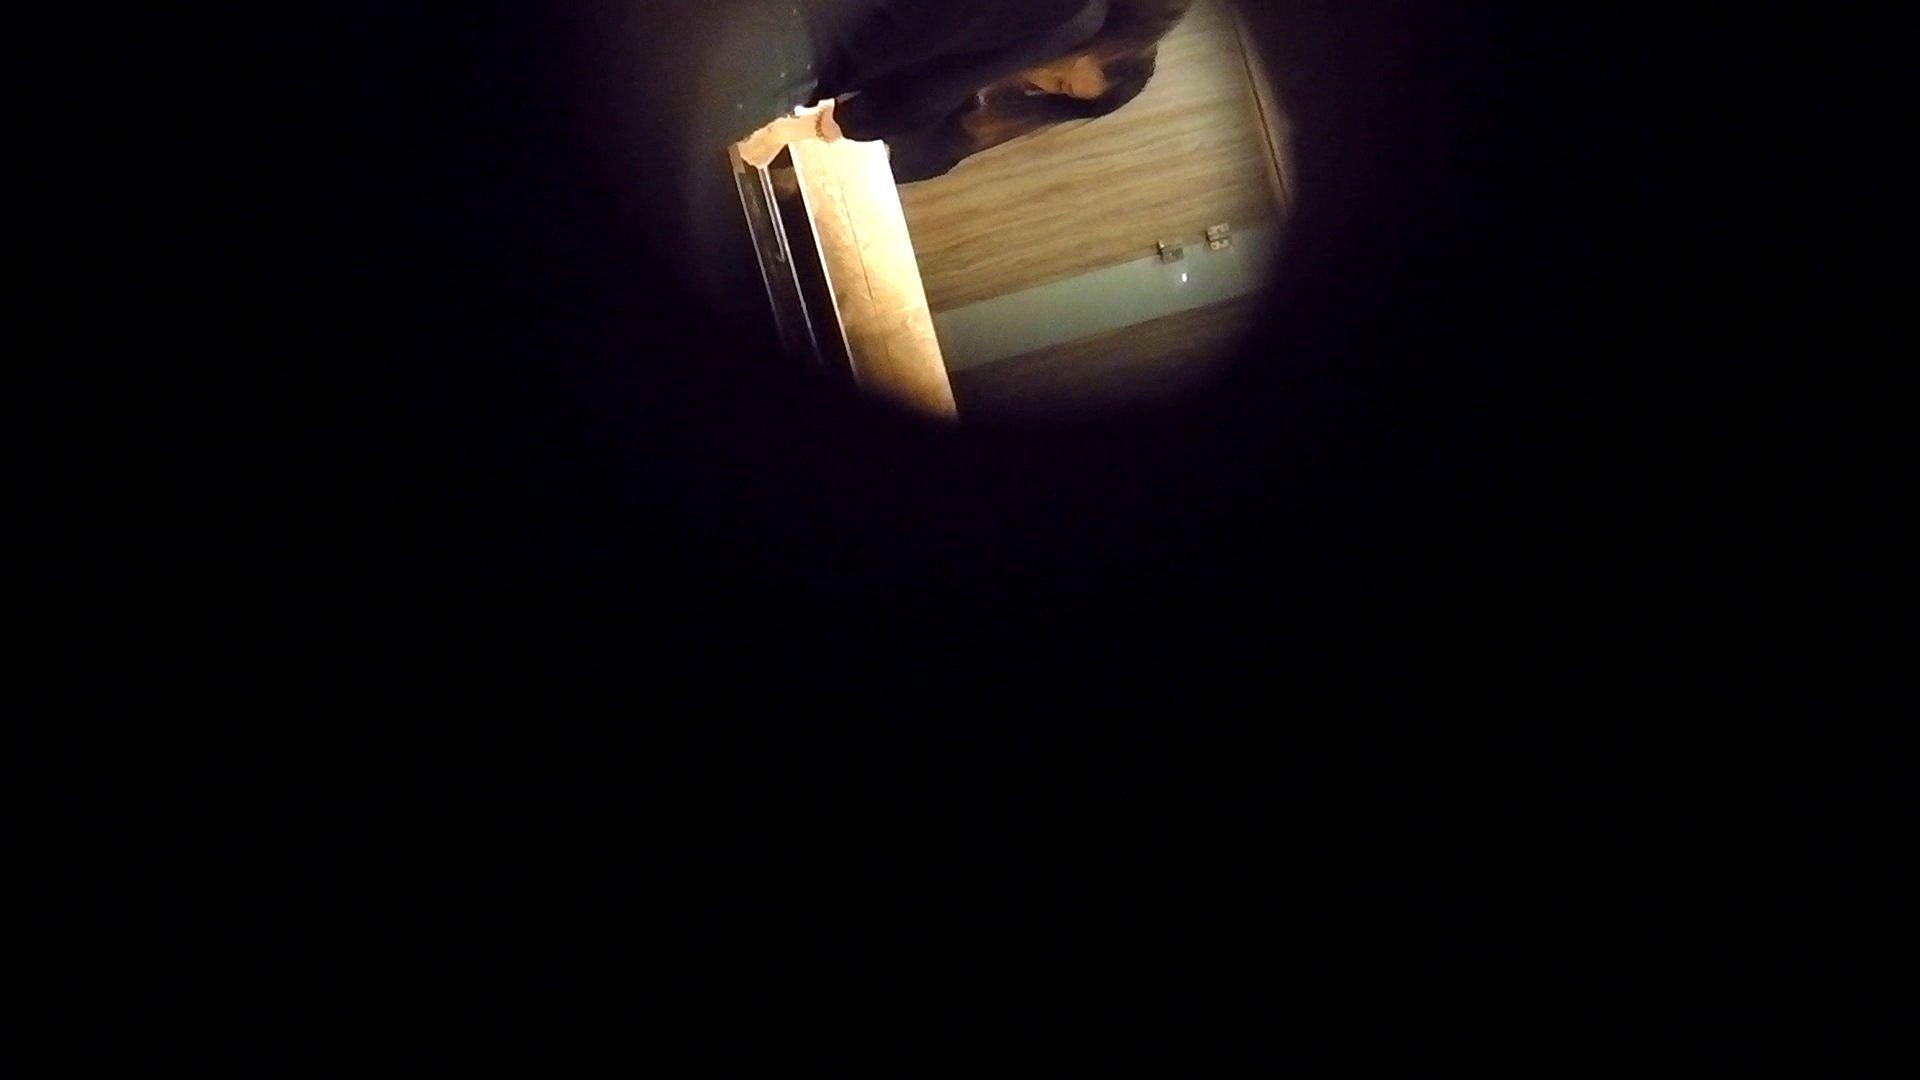 阿国ちゃんの「和式洋式七変化」No.9 洗面所のぞき オマンコ無修正動画無料 98枚 17